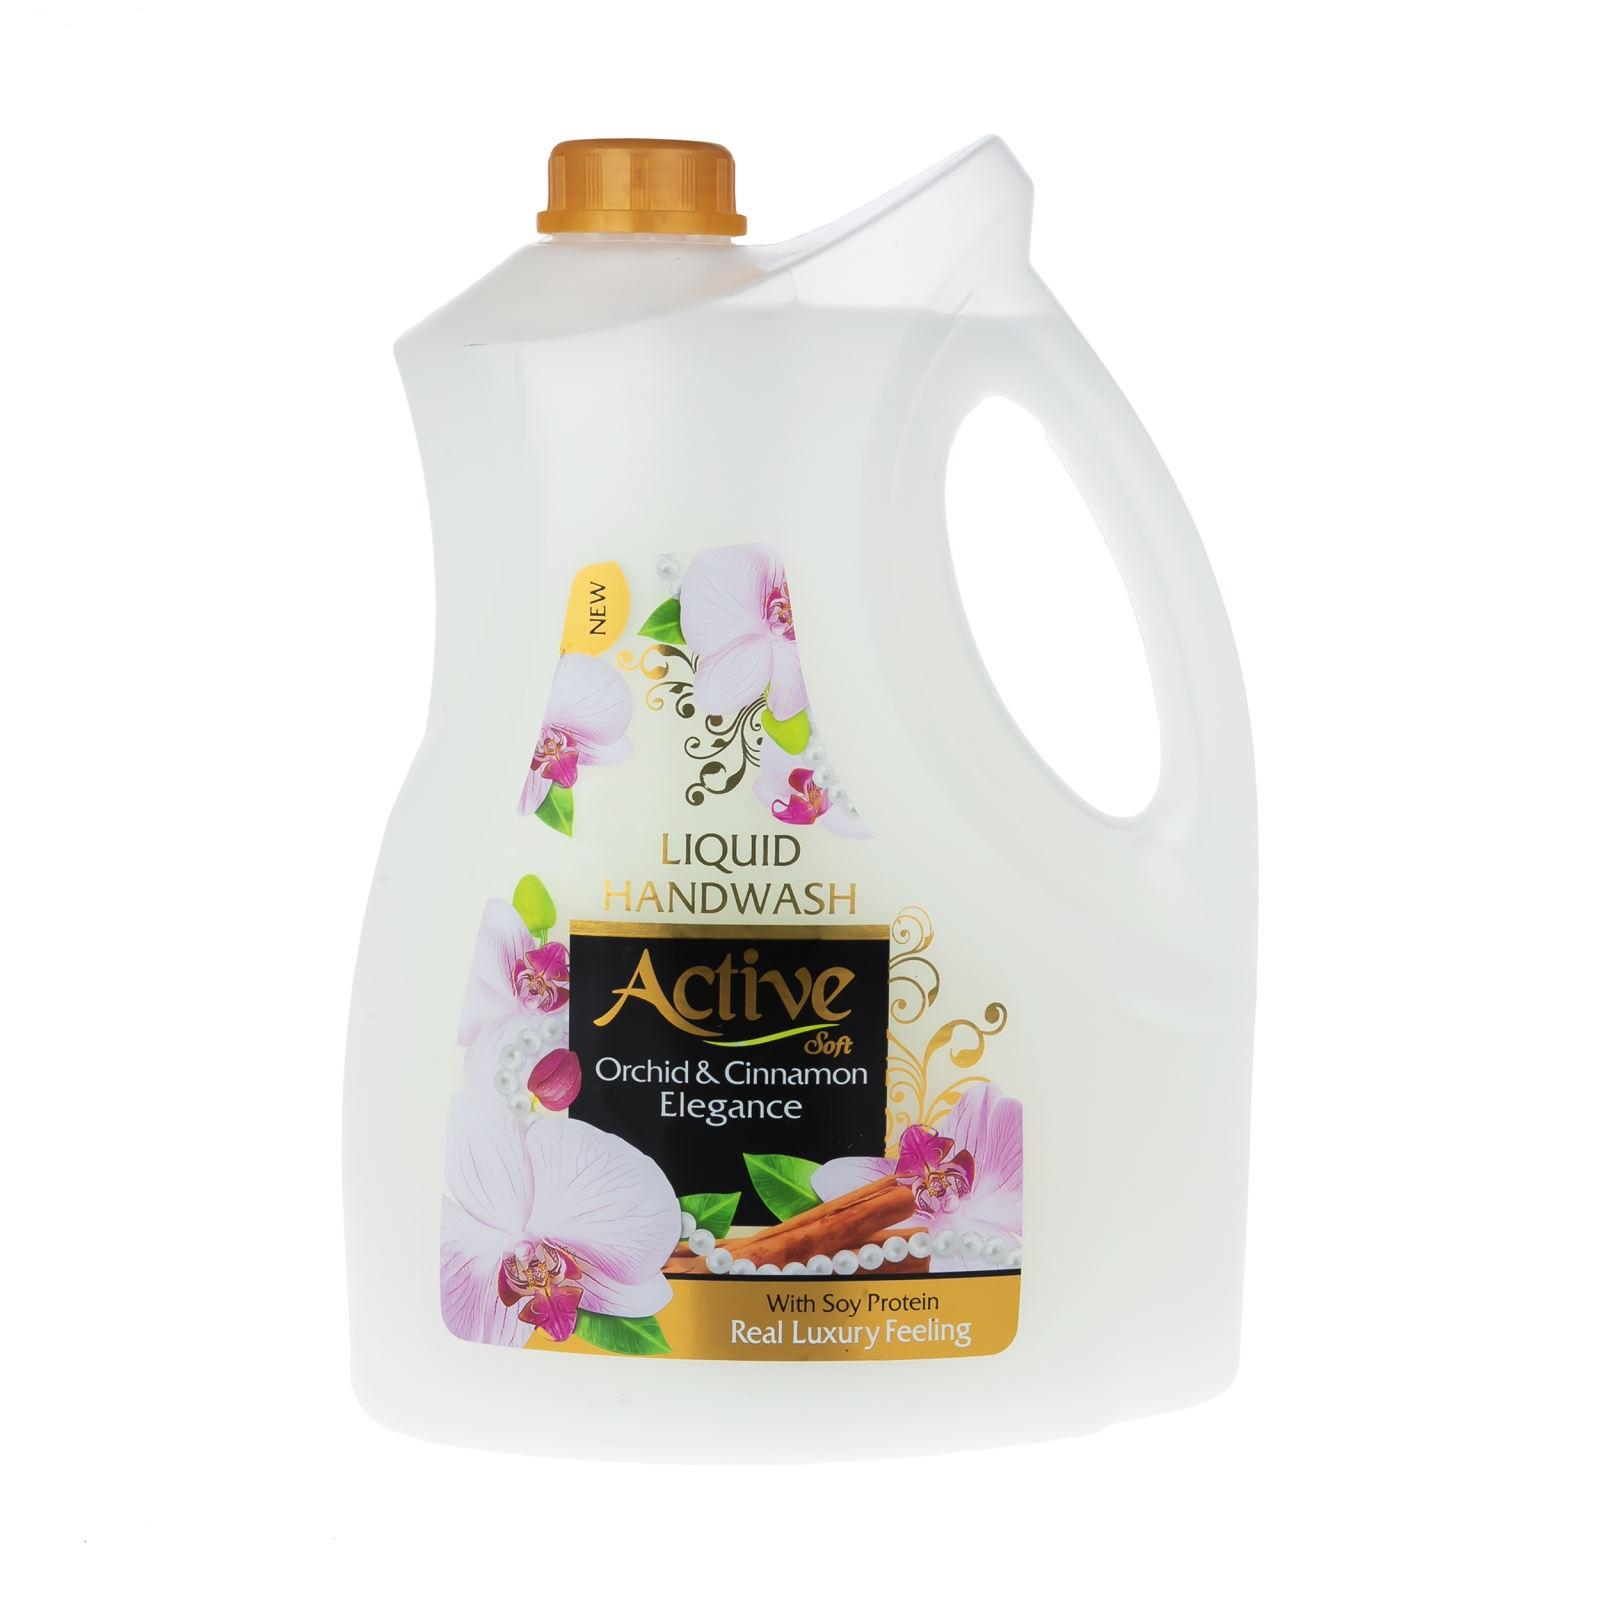 مایع دستشویی اکتیو مدل orchid & cinnamon حجم 3750 میلی لیتر